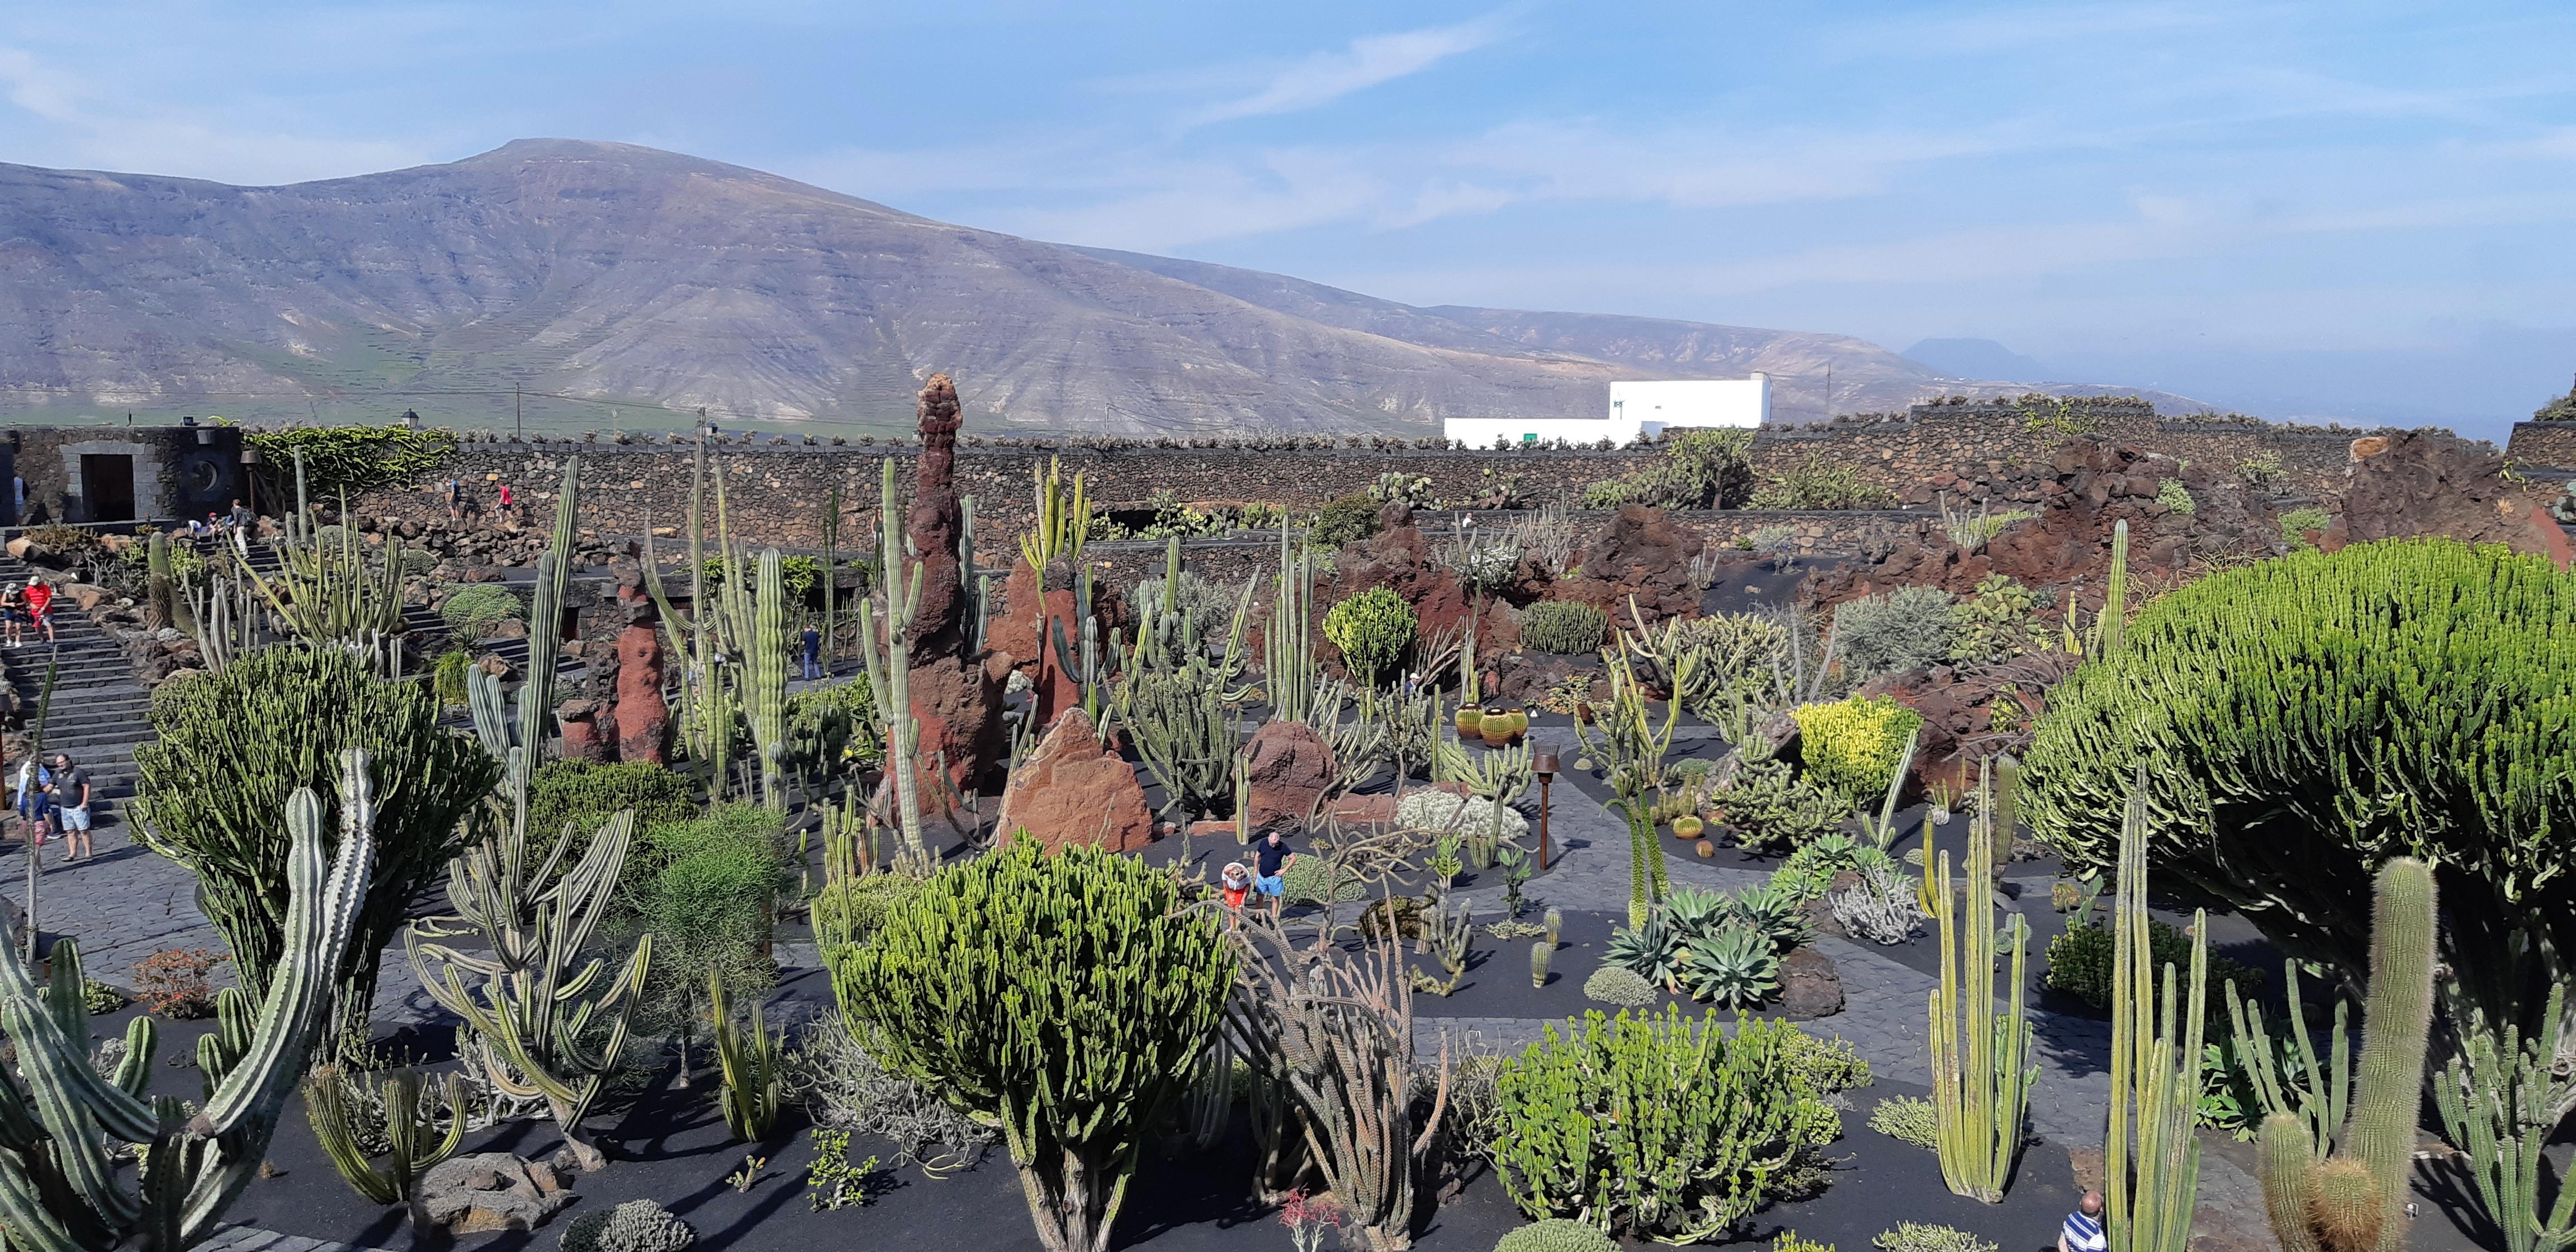 Lanzarote _ Jardin de Cactus_2.jpeg